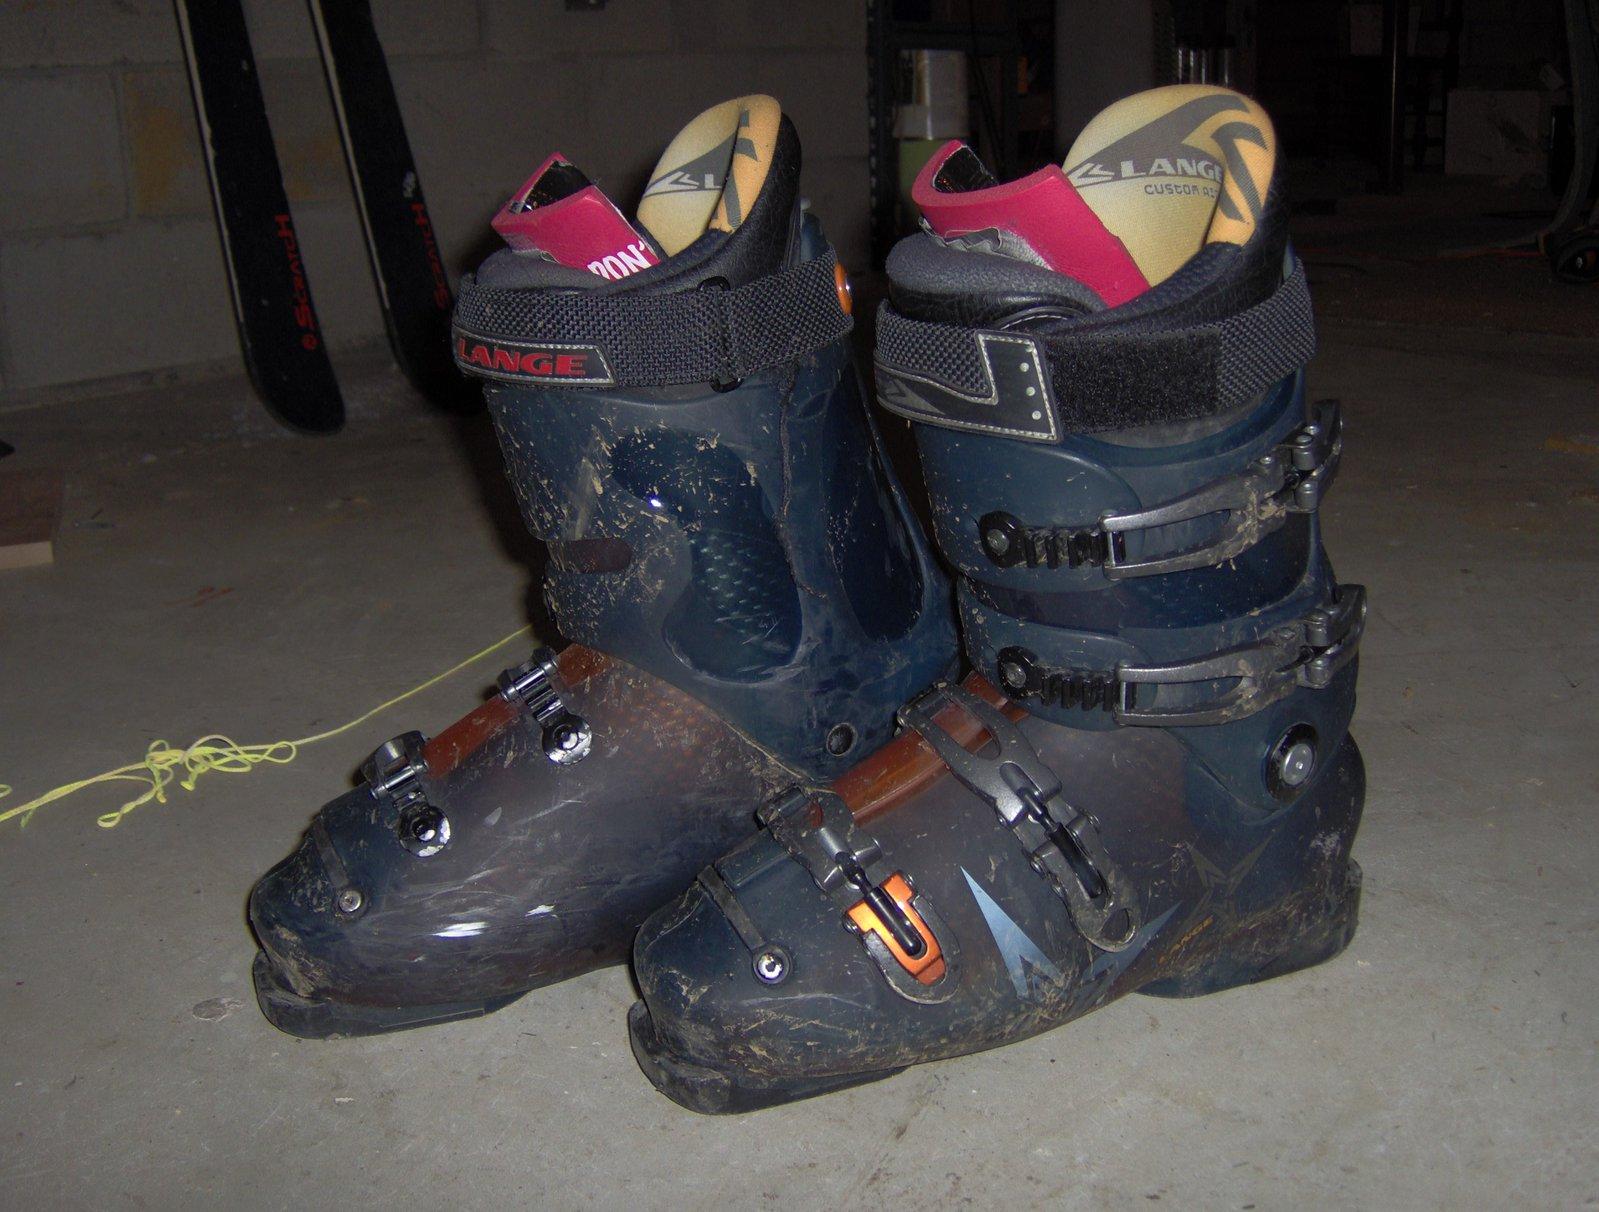 Boots-Lange clr 80 fr